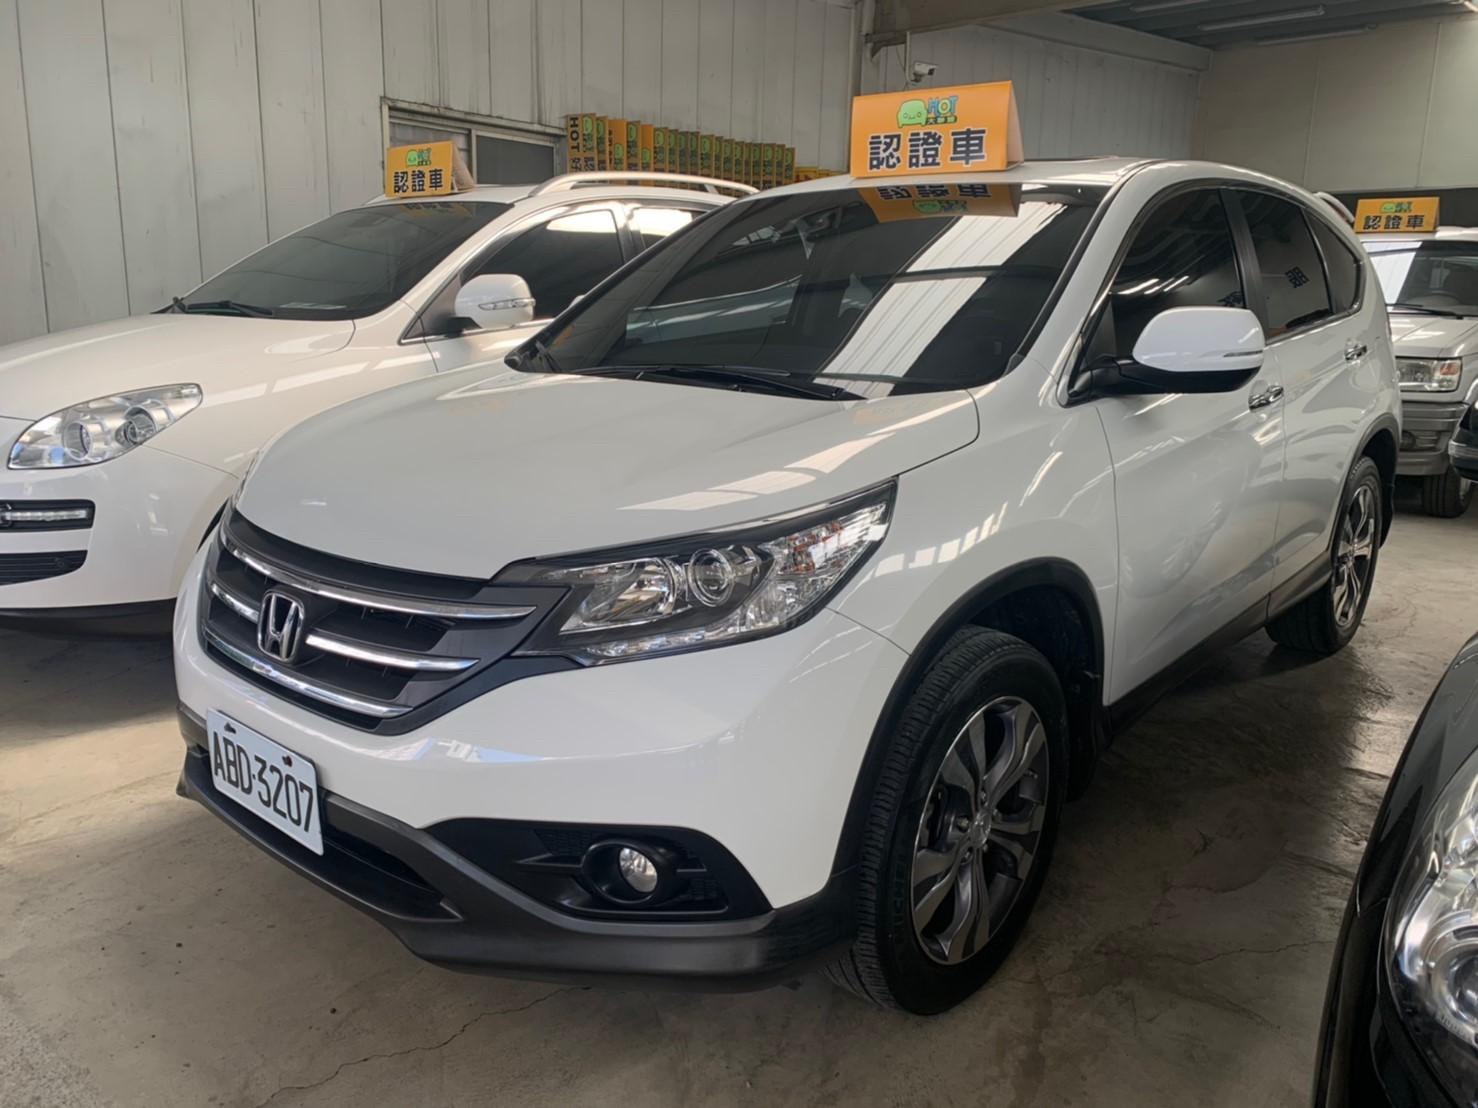 2013 Honda 本田 Cr-v